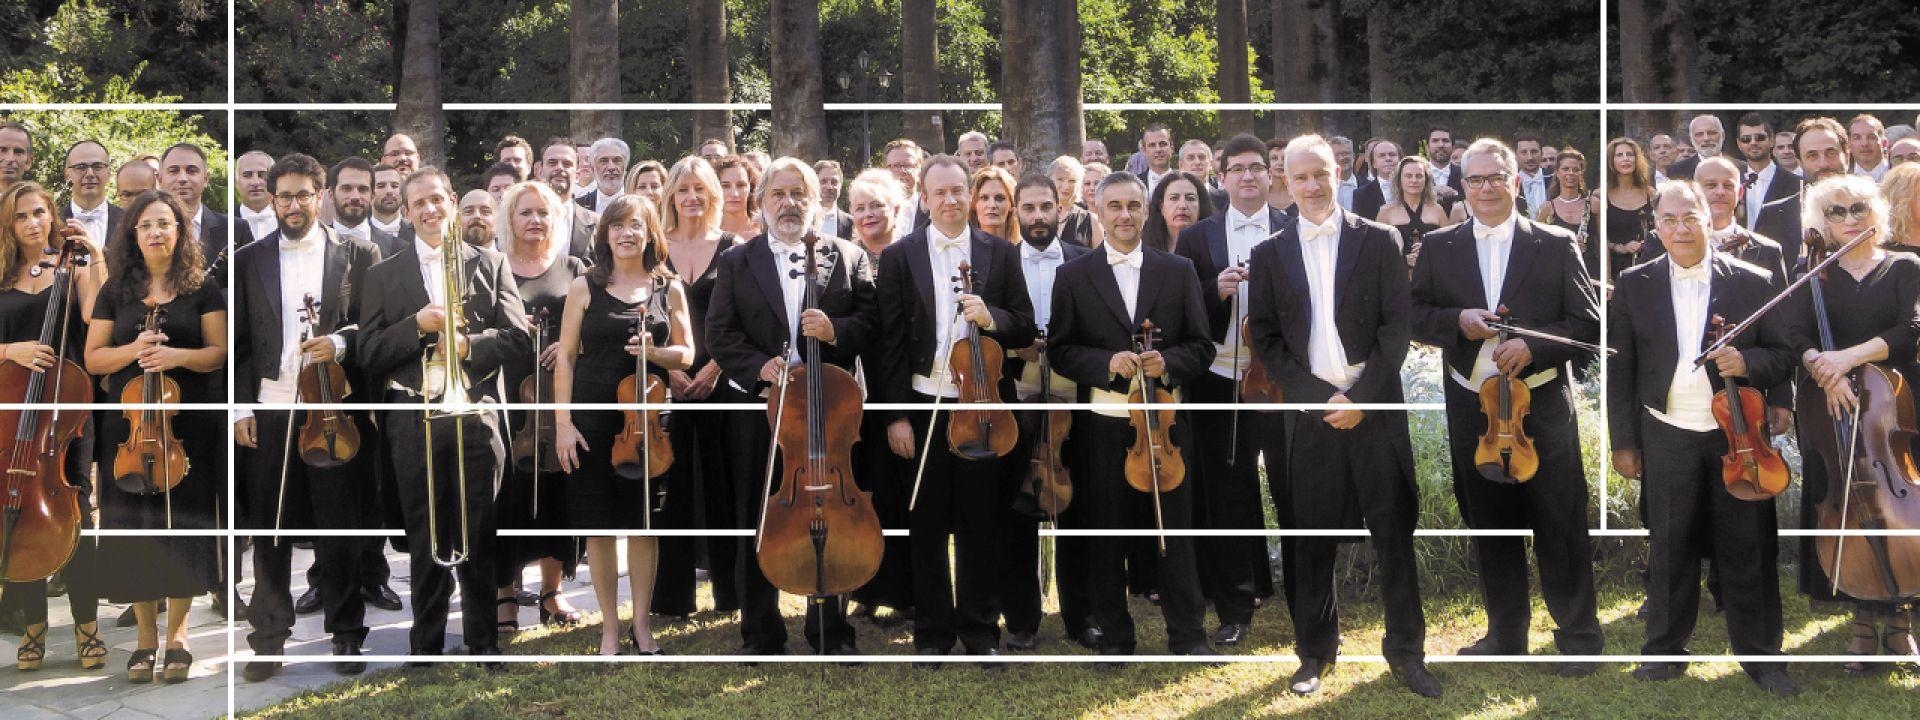 Φωτογραφία από την Κρατική Ορχήστρα Αθηνών